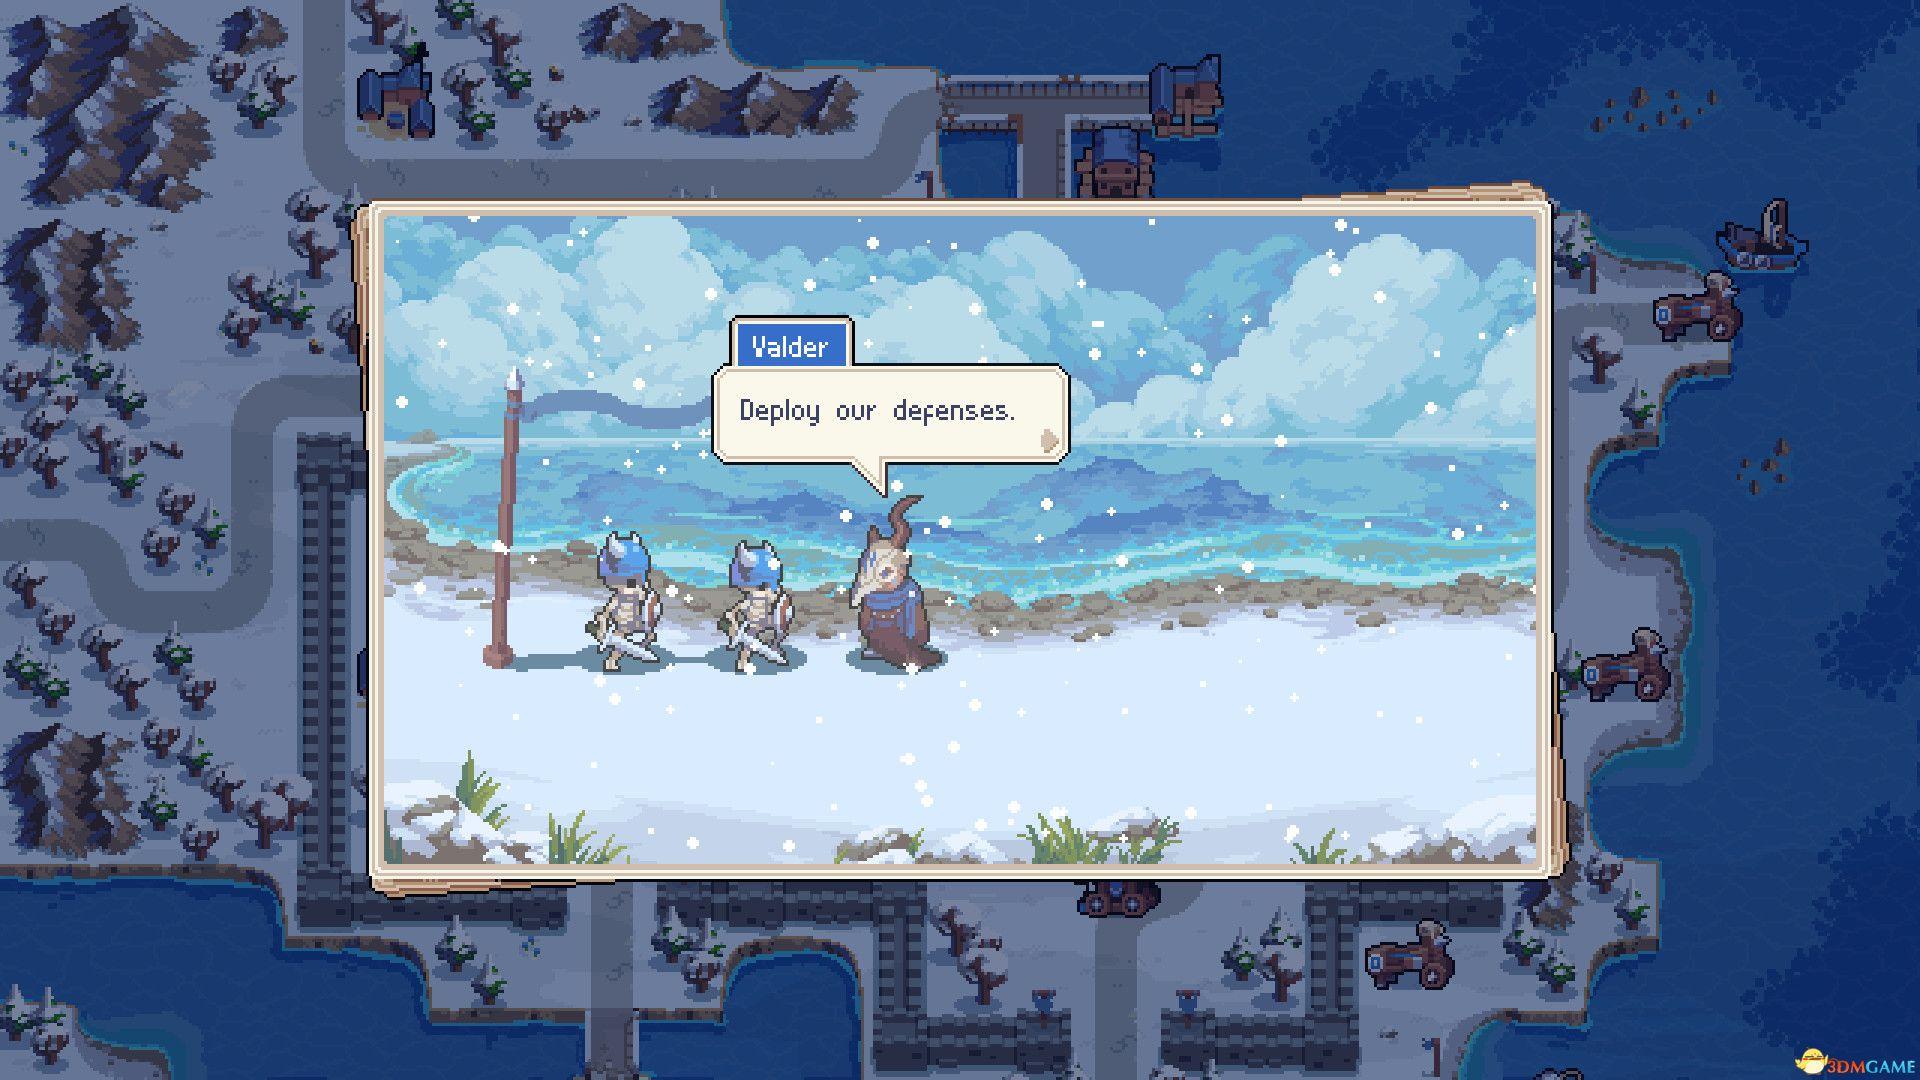 战棋游戏新作PC版《战律》中英文版下载发布